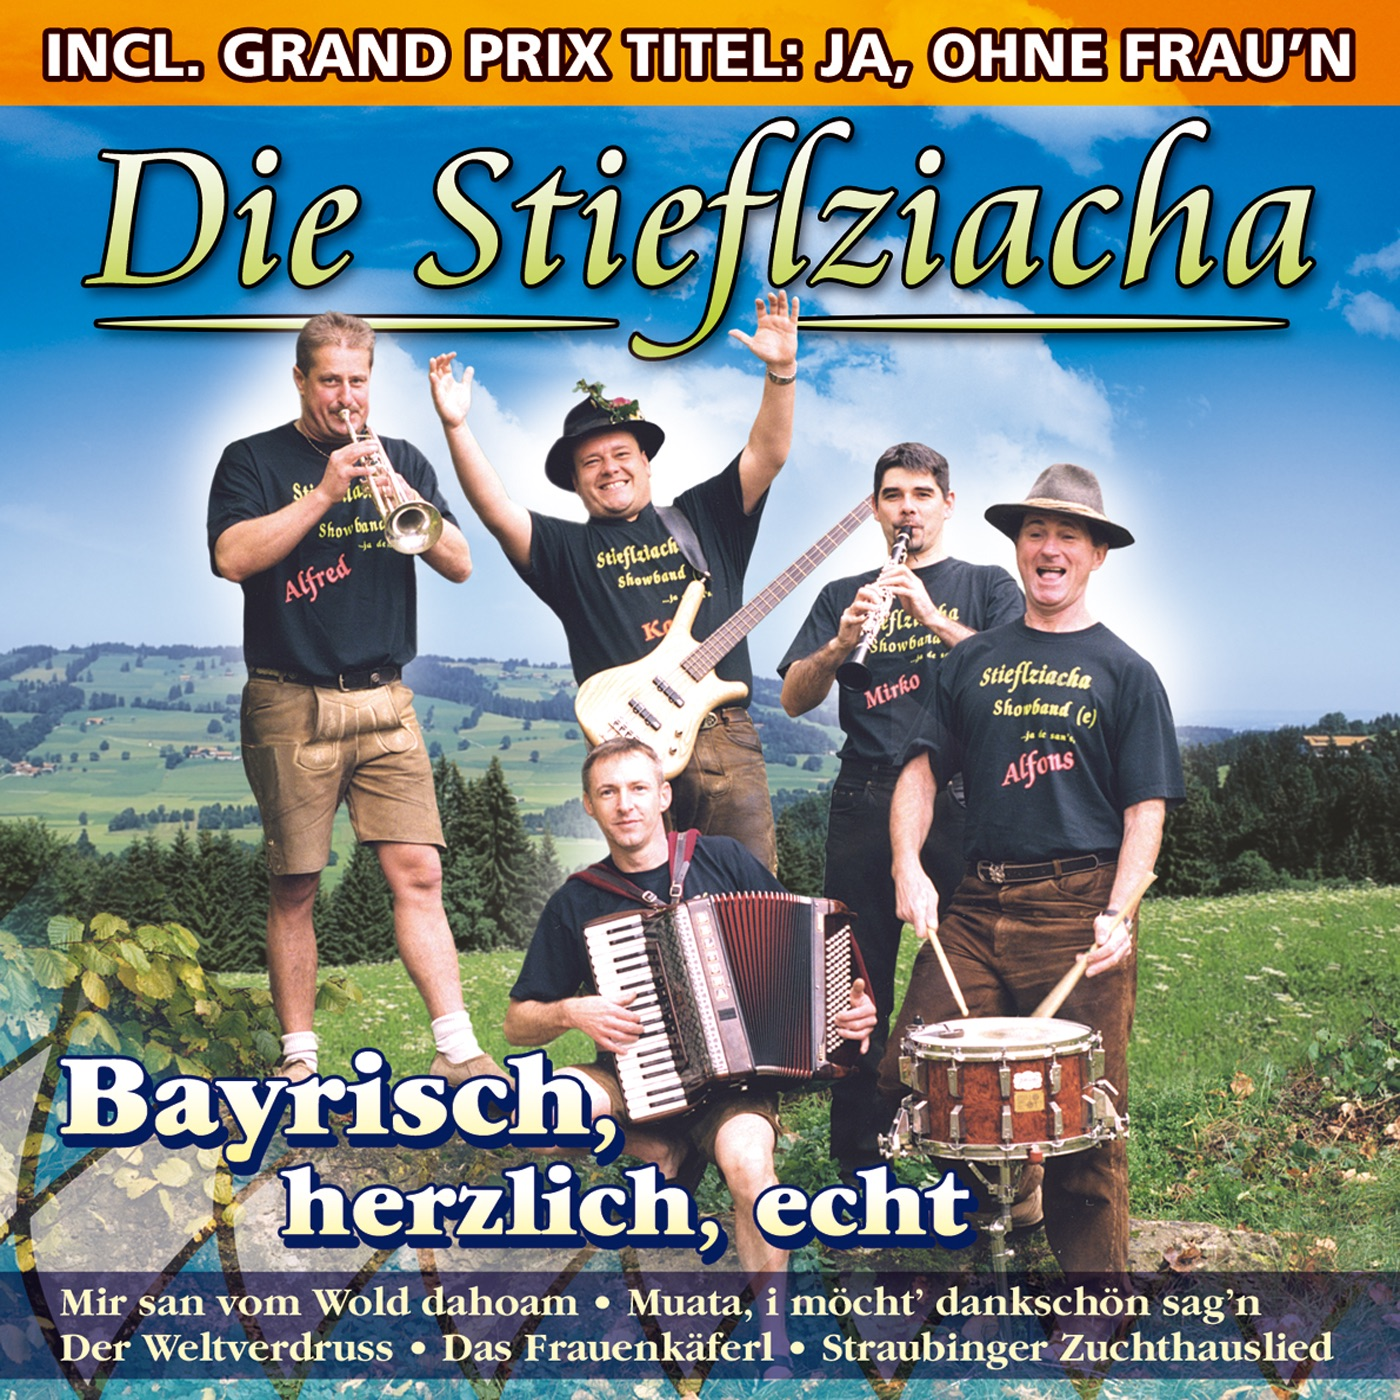 MP3 Songs Online:♫ Es wollt ein Graf in seine Heimat reisen - Die Stieflziacha album Bayrisch, herzlich, echt. German Folk,Music listen to music online free without downloading.